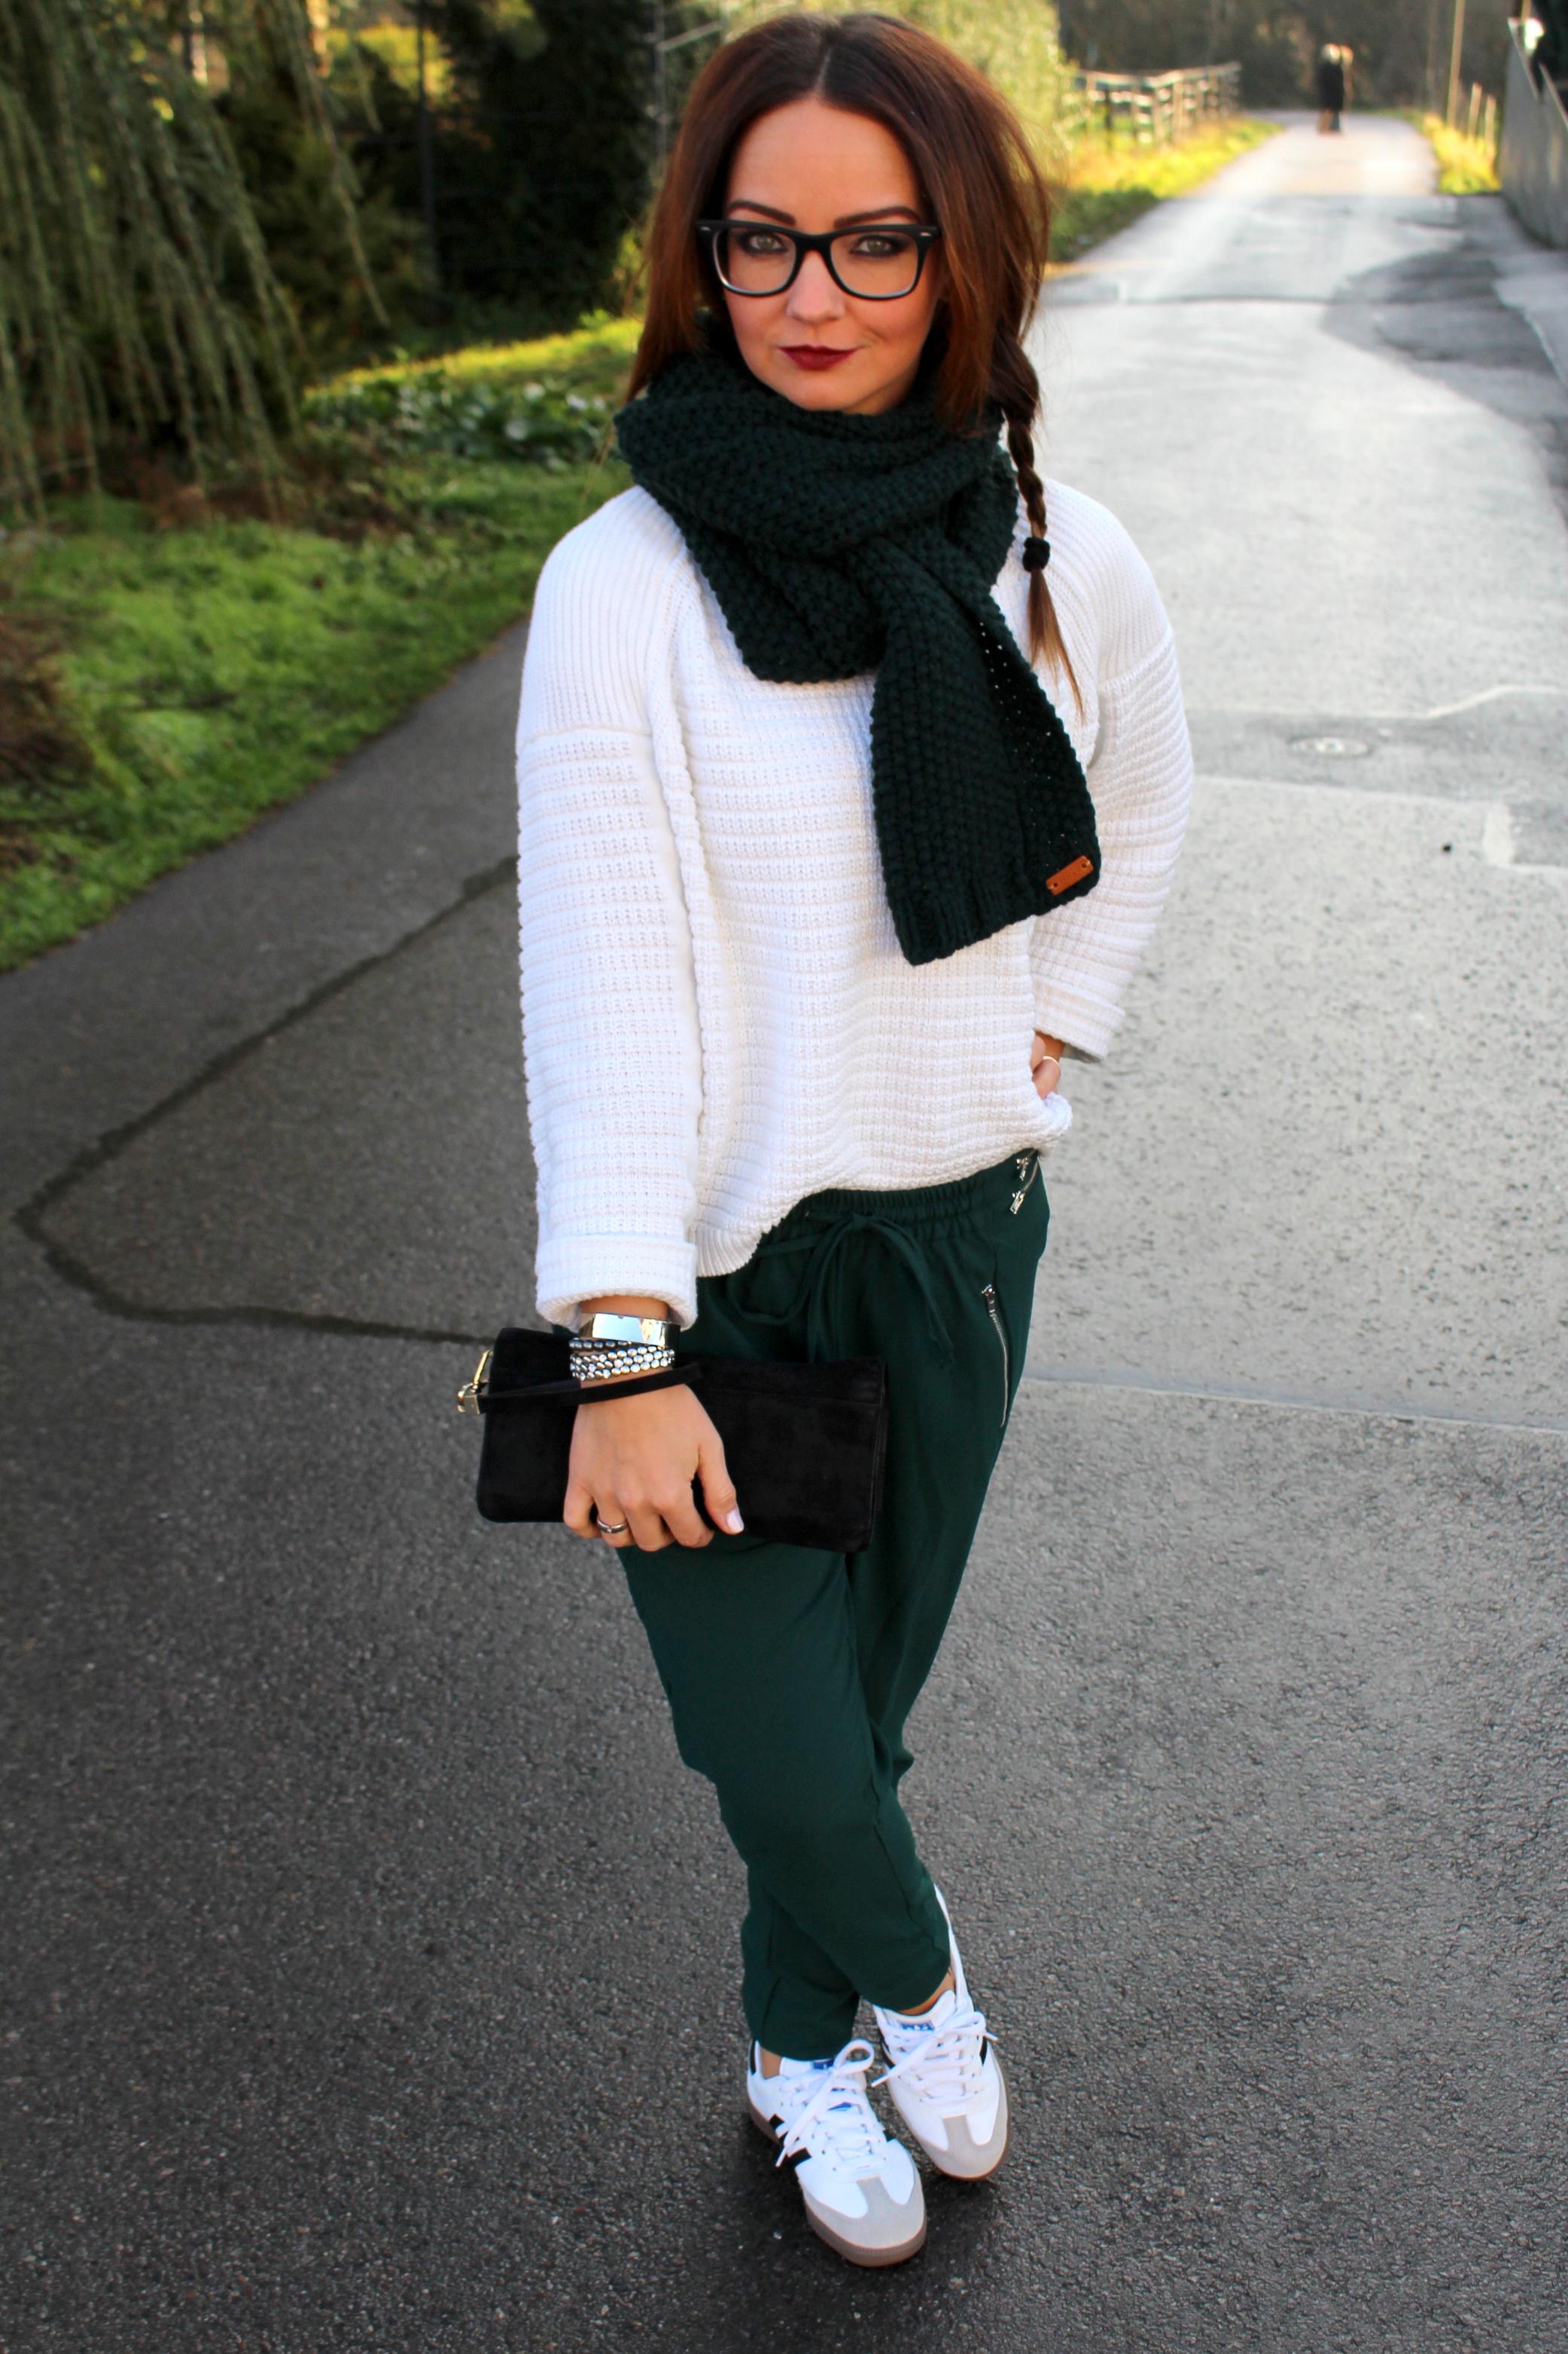 Fashioncircuz by Jenny img_0381 Sundays